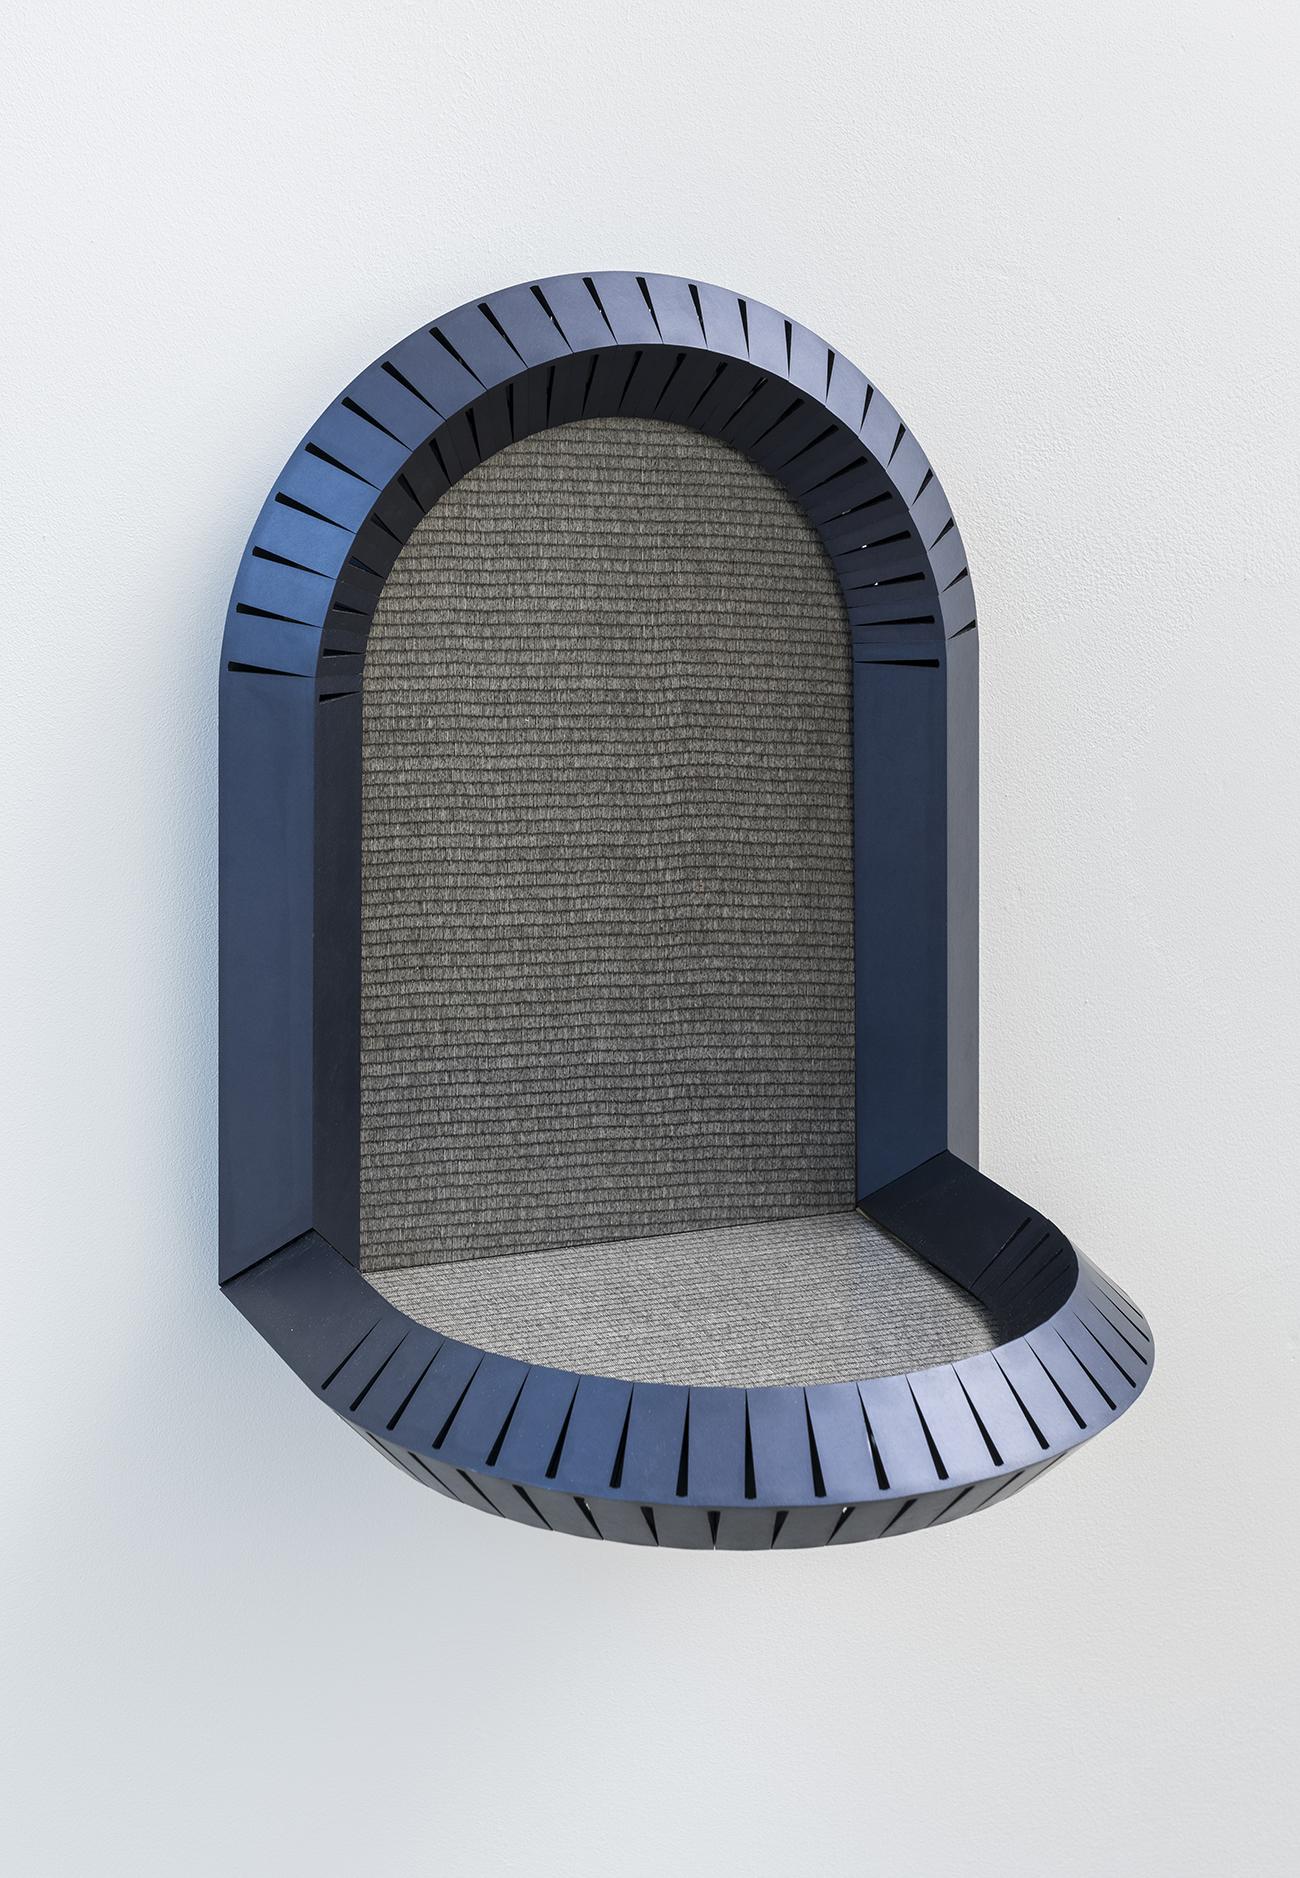 Francois-Dumas-Shelf-side-perspective.jpg